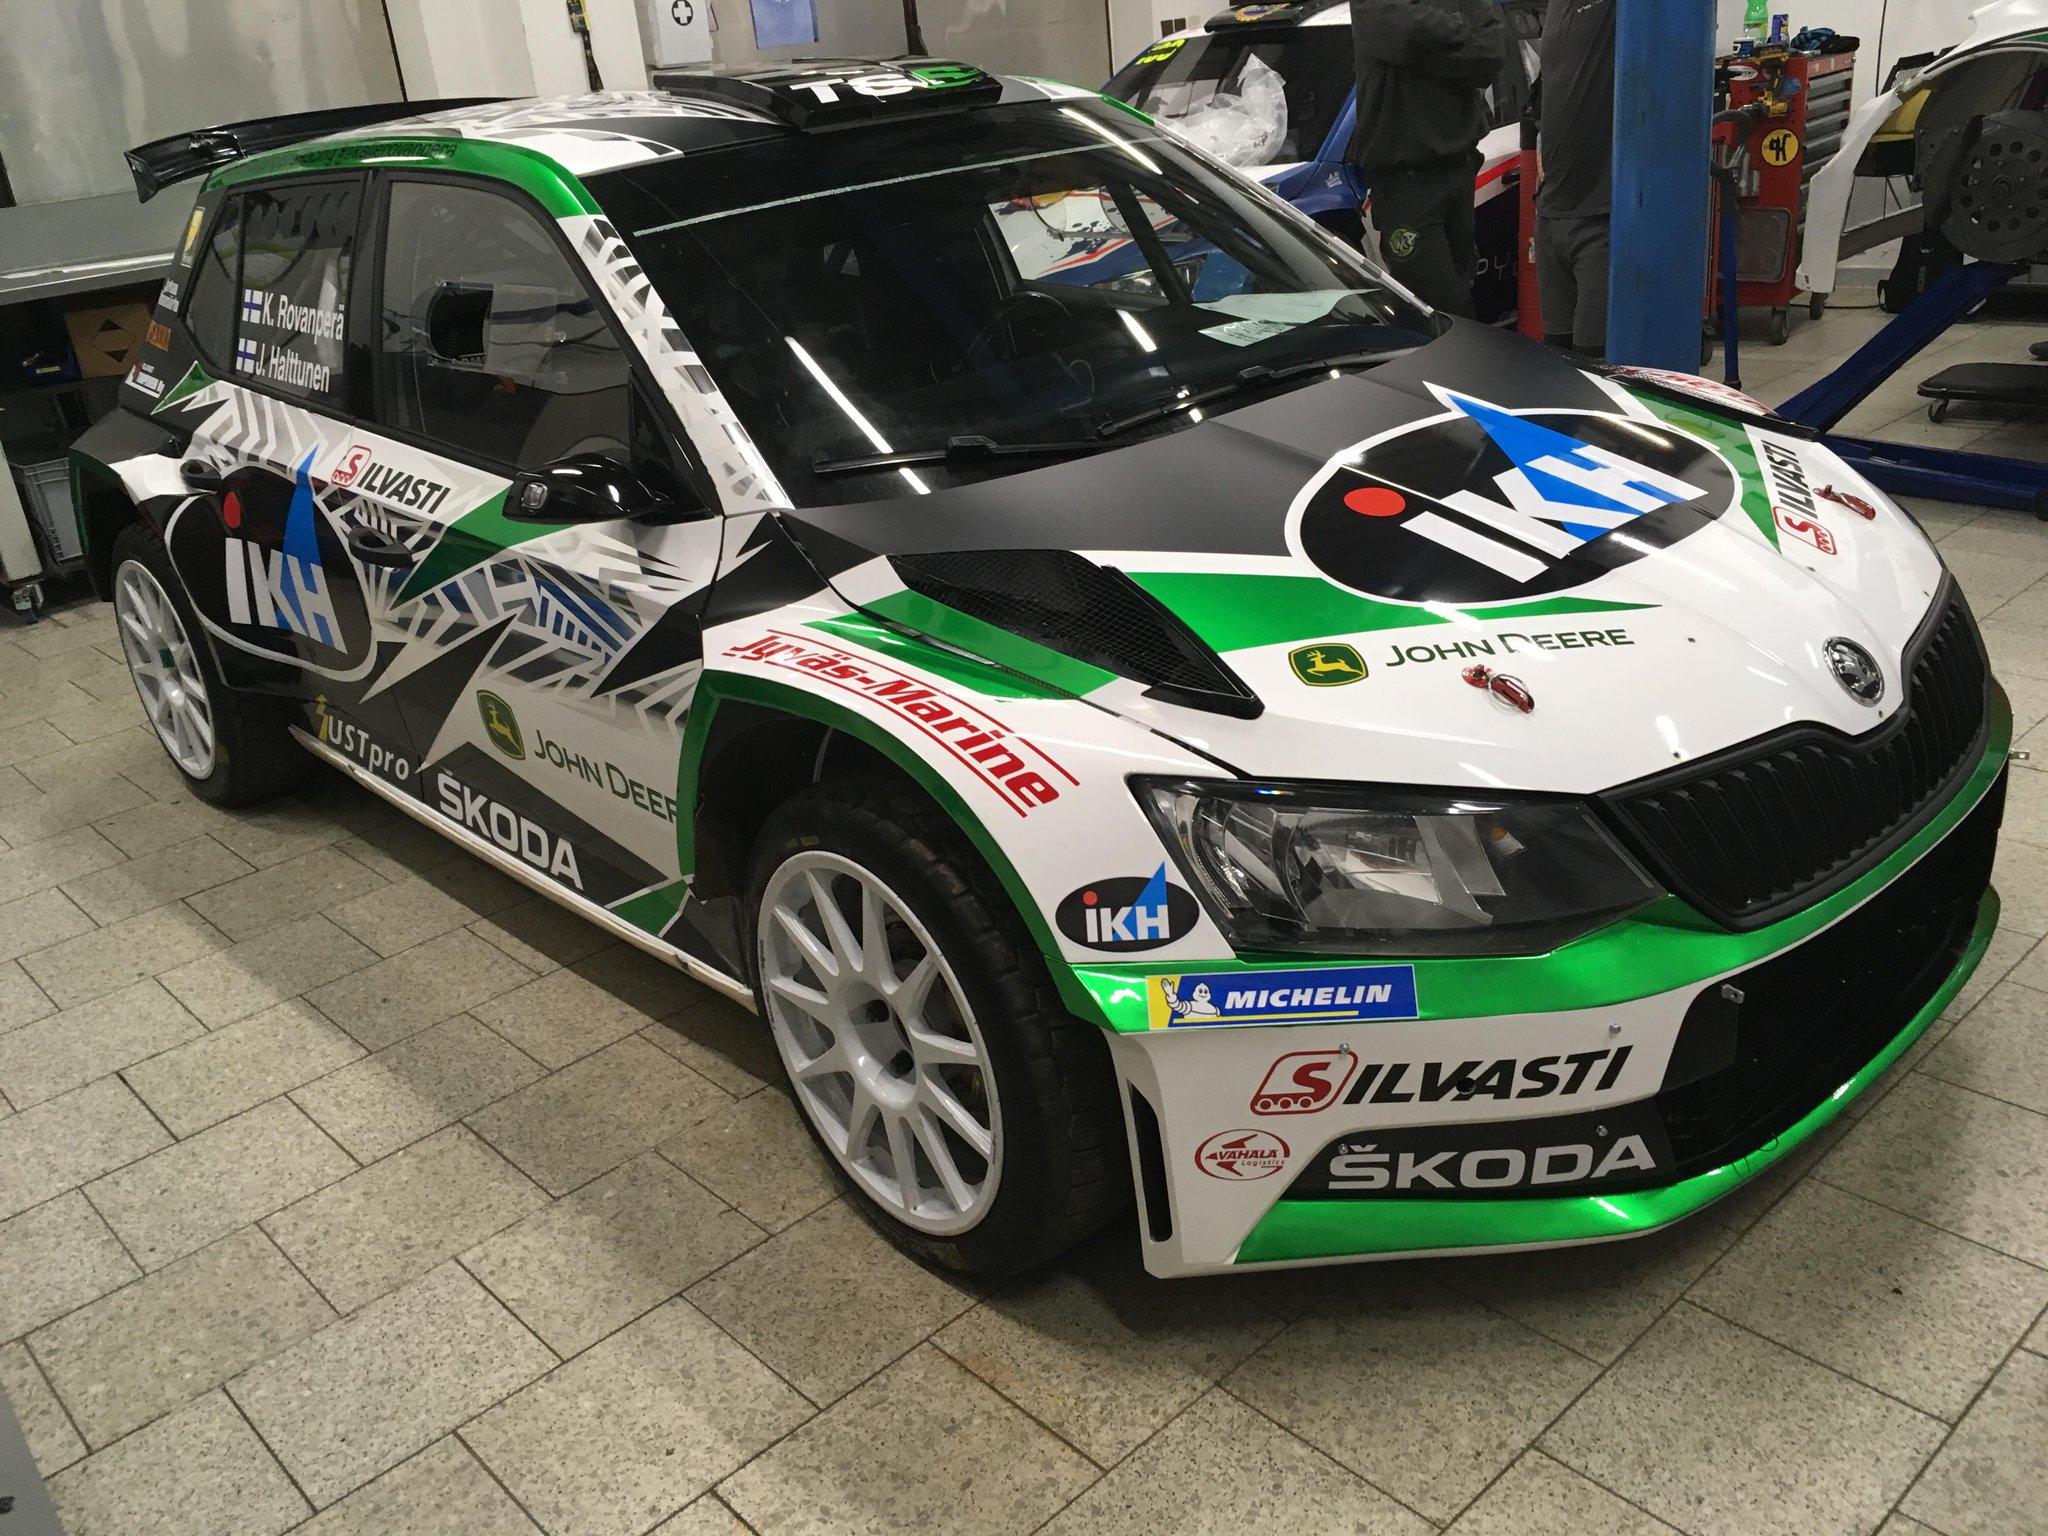 WRC: 87º Rallye Automobile de Monte-Carlo [22-27 de Enero] - Página 2 DxGD4HiUUAACDj1